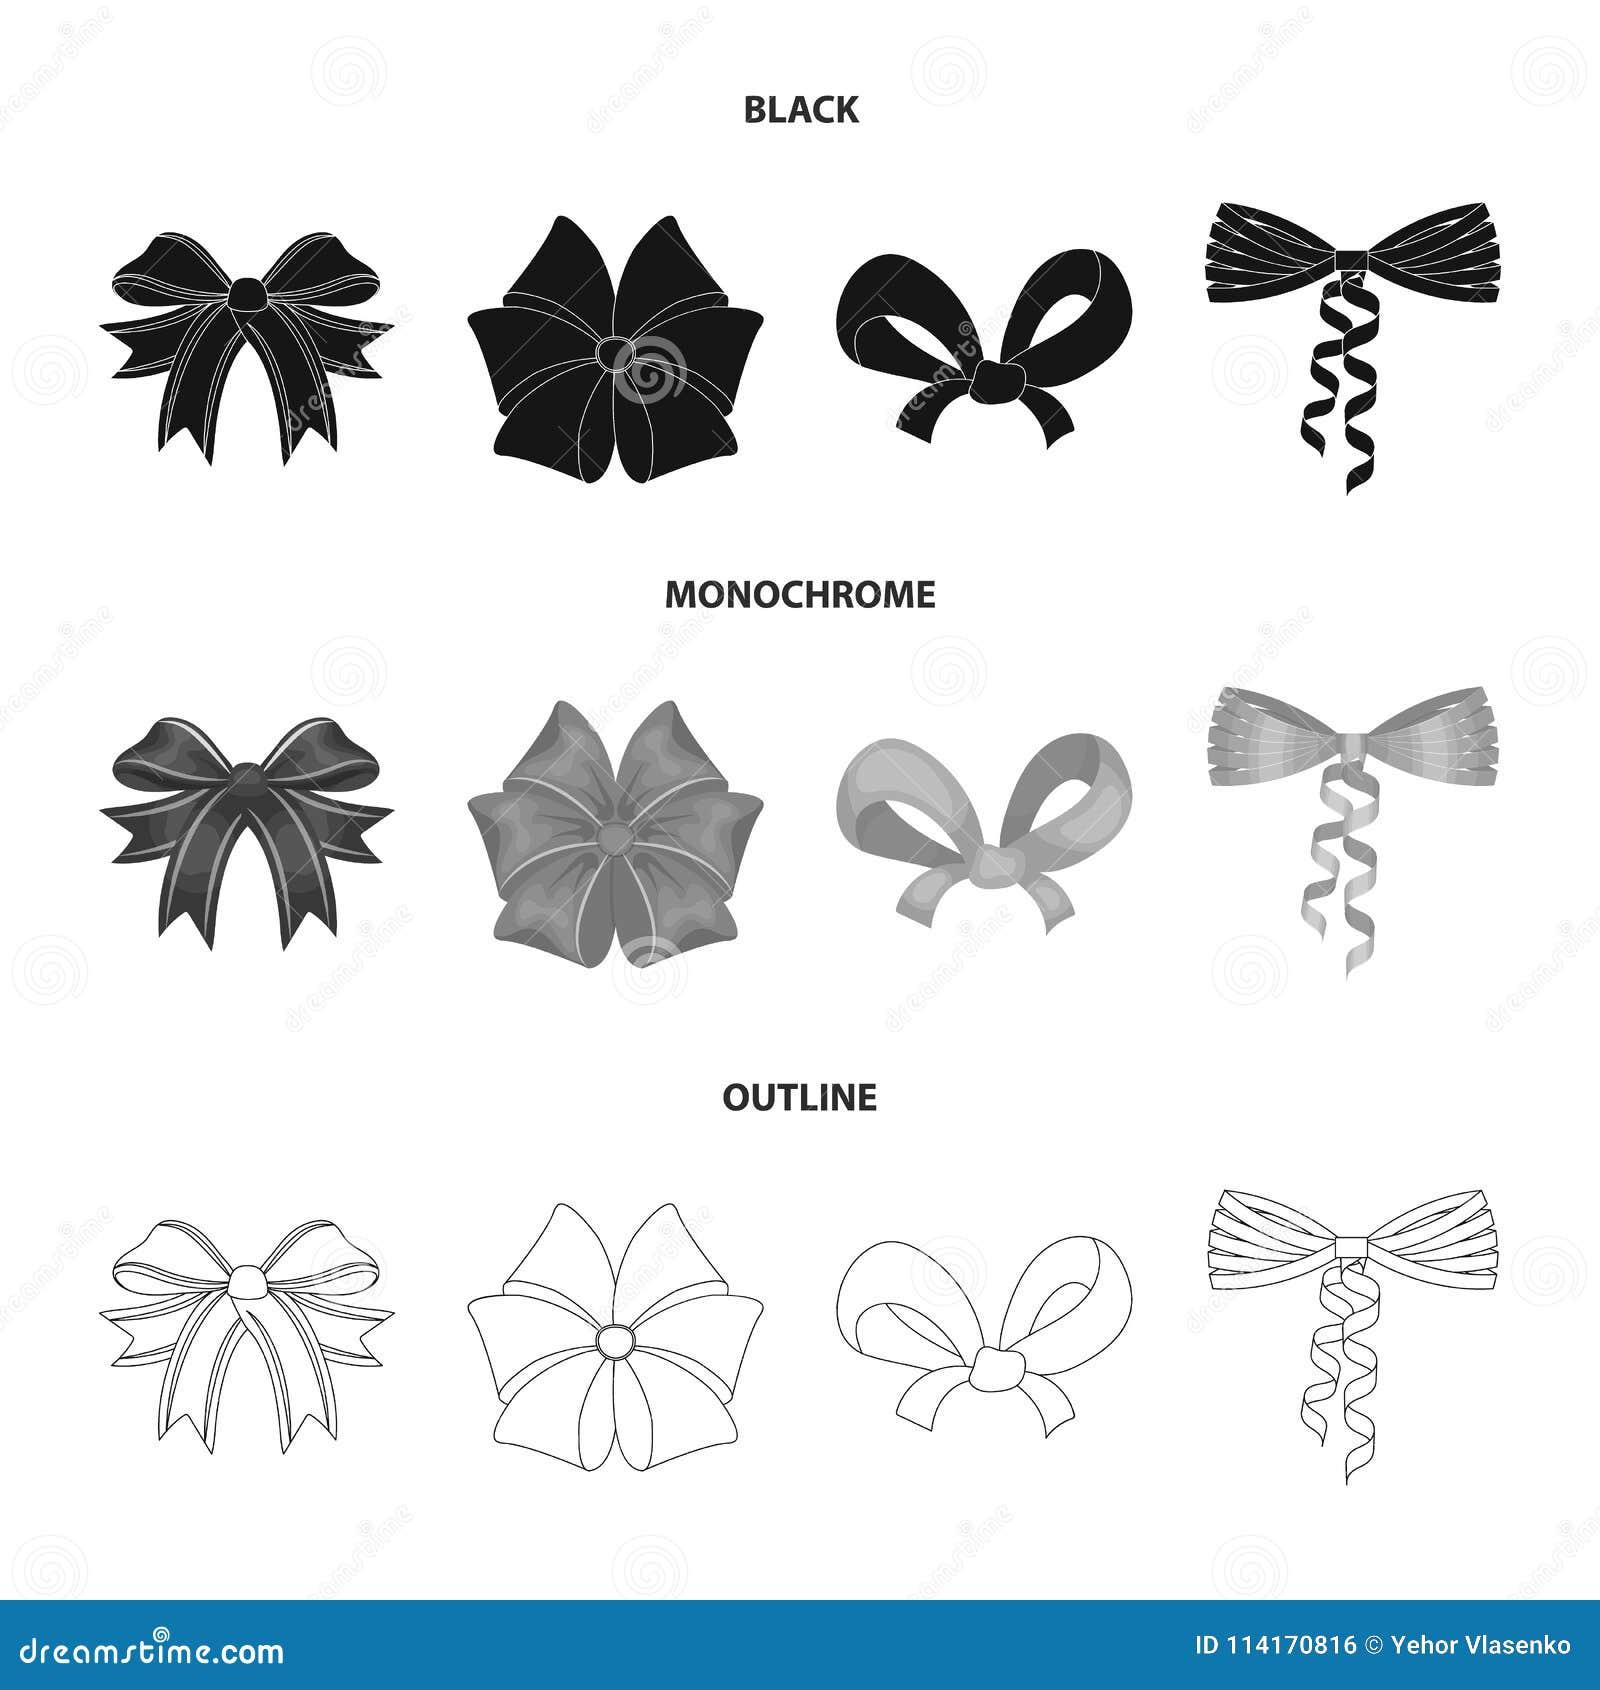 Curva, fita, decoração, e o outro ícone da Web em preto, monocromático, estilo do esboço Presente, curvas, nó, ícones na coleção